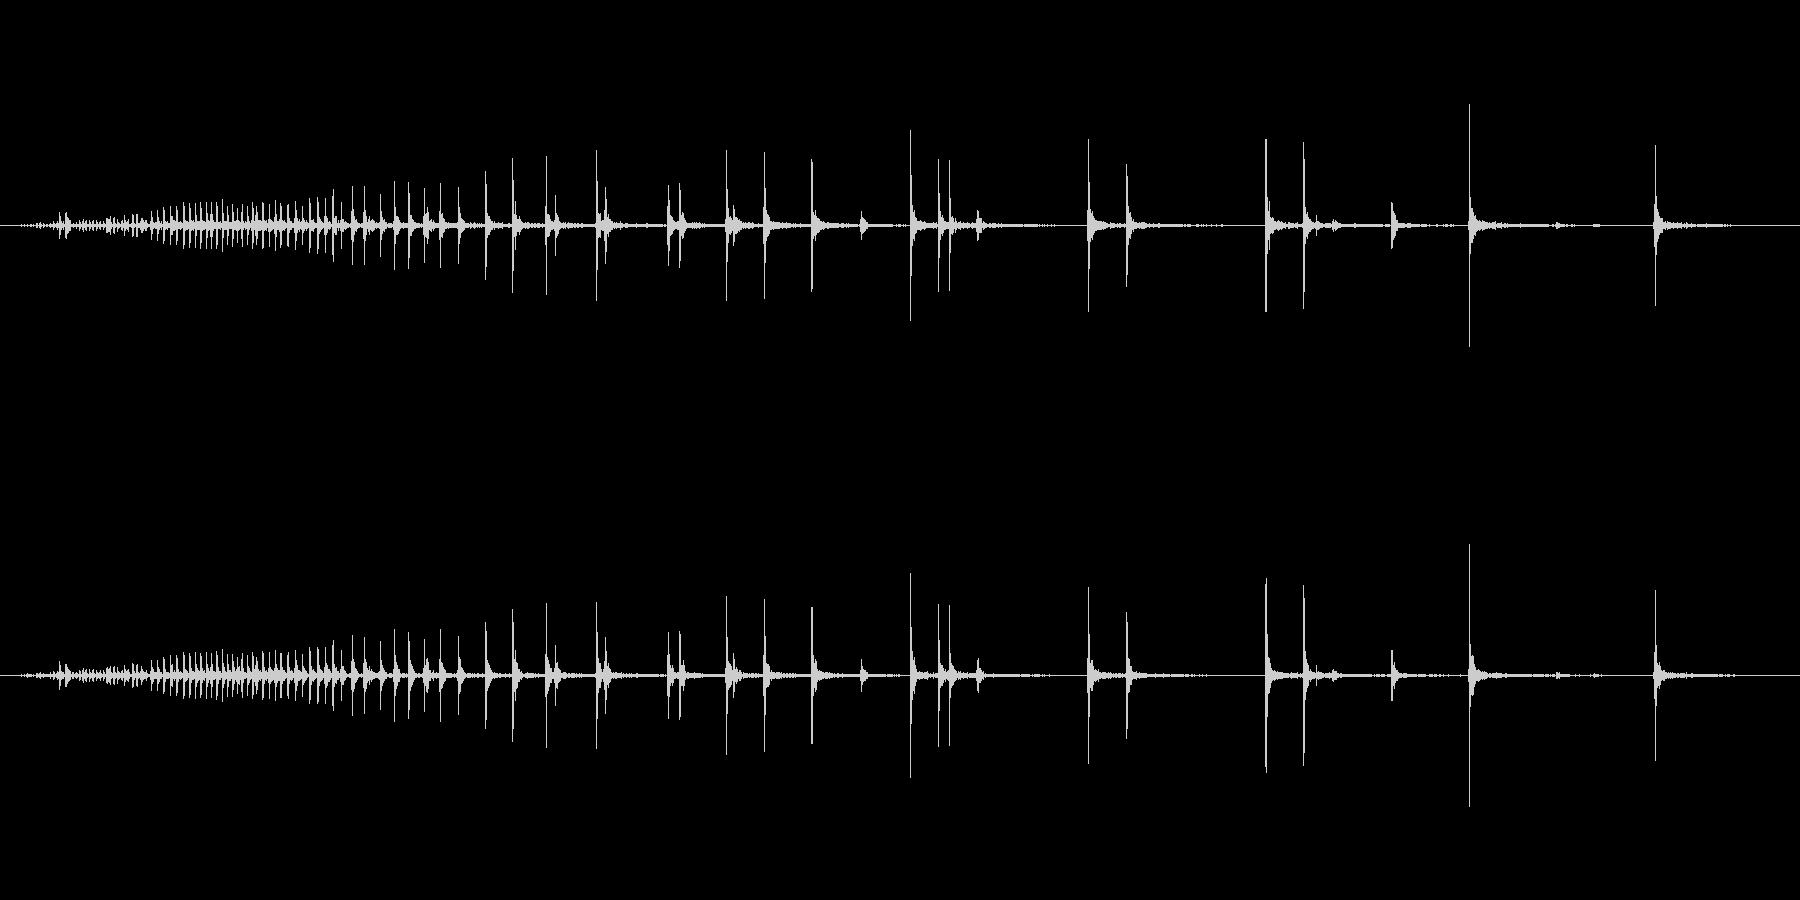 【生録音】軋む音 ギーー 1の未再生の波形